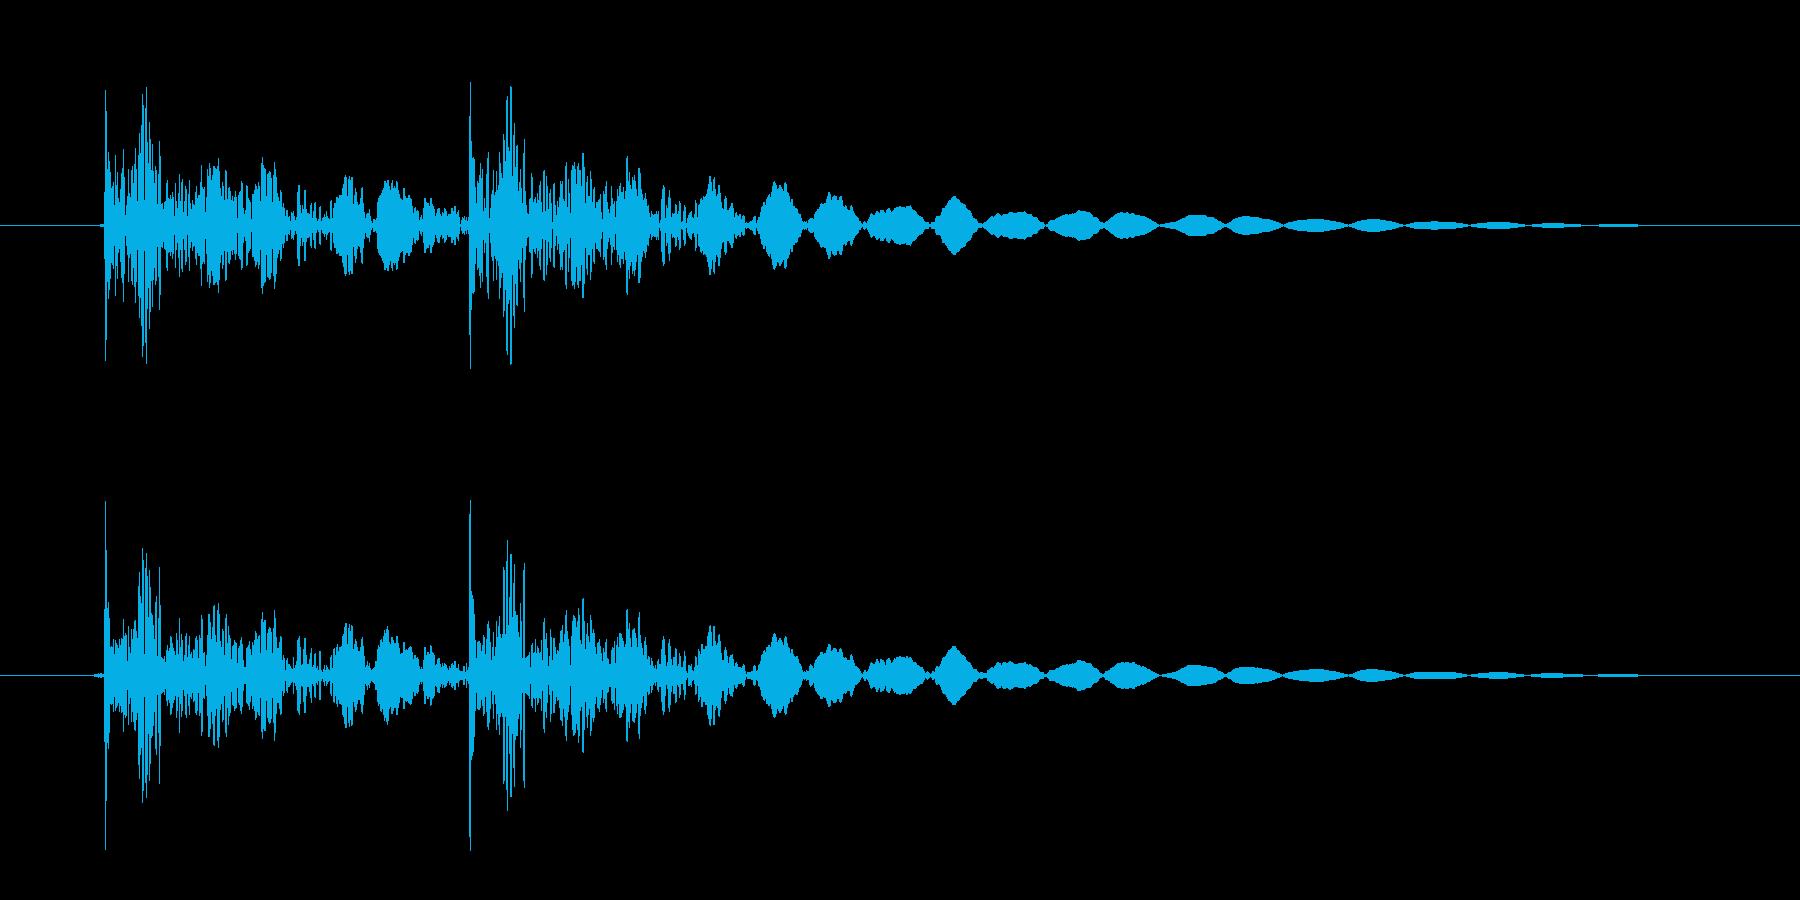 恐怖シリーズ2.ノックオン(鉄製2回)の再生済みの波形